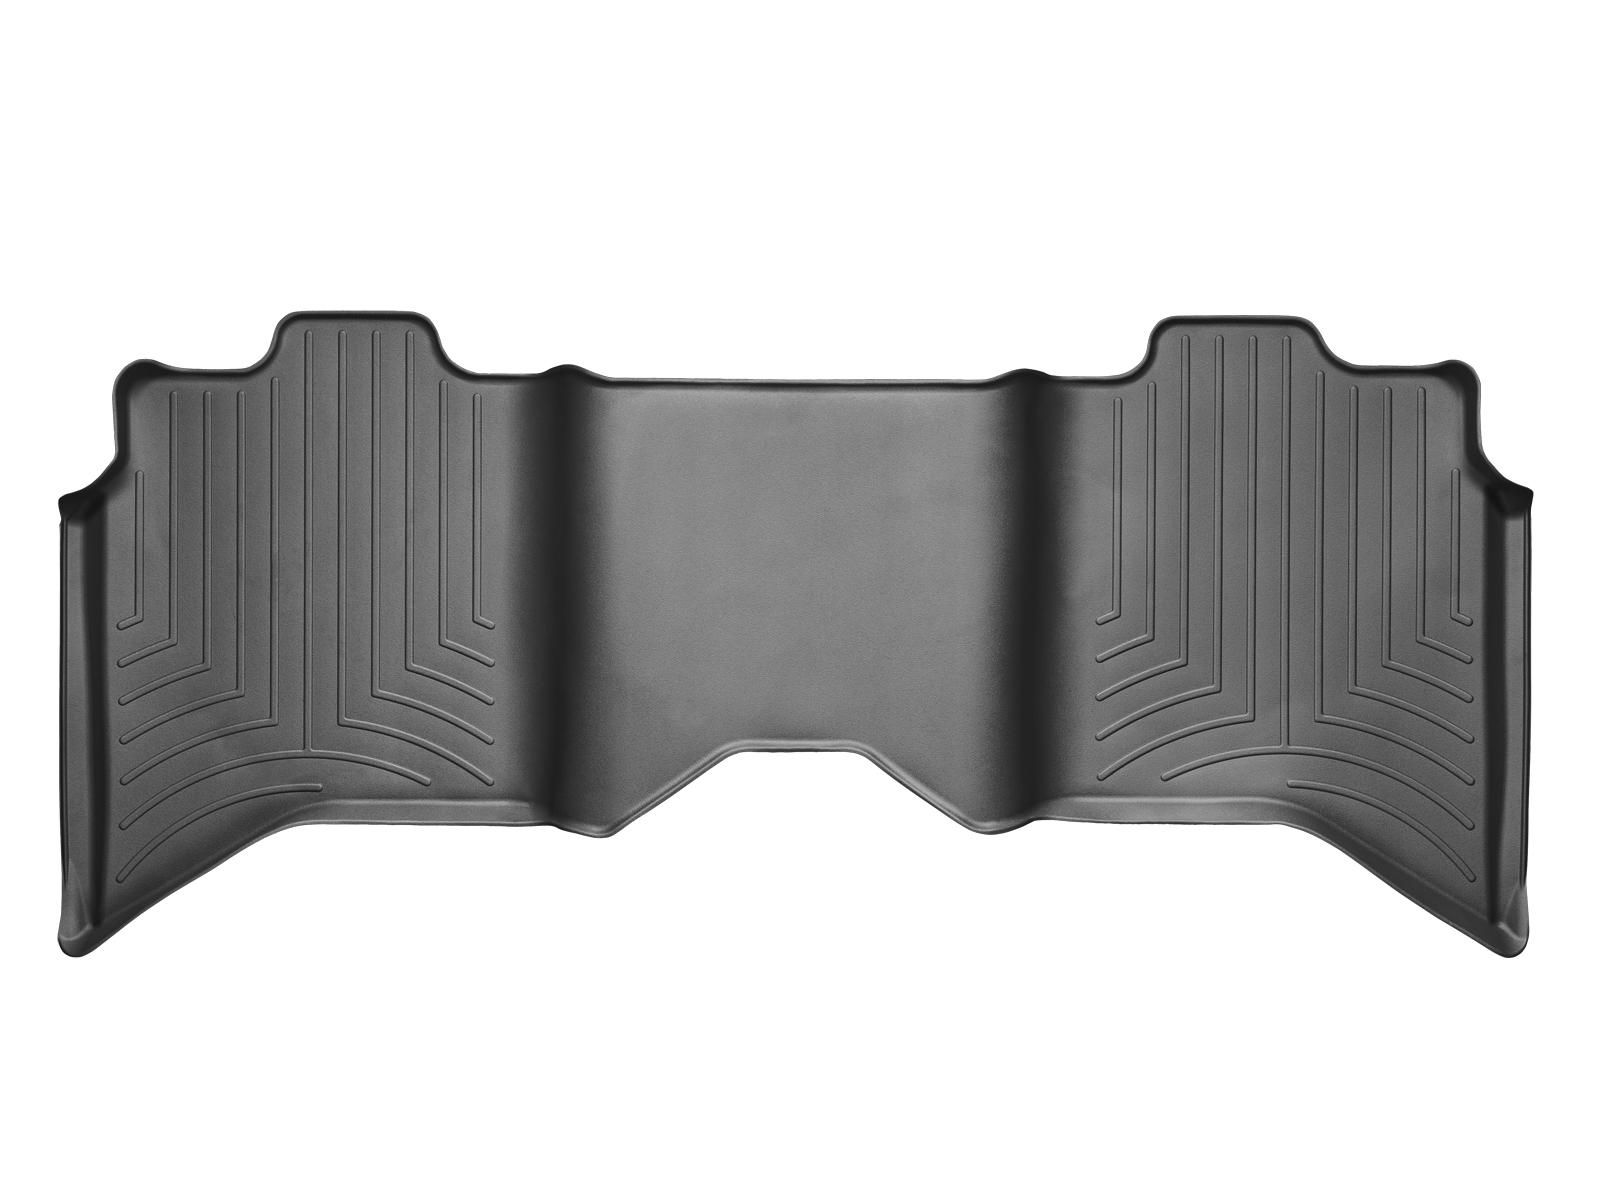 Tappeti gomma su misura bordo alto RAM Ram 1500 13>17 Nero A3201